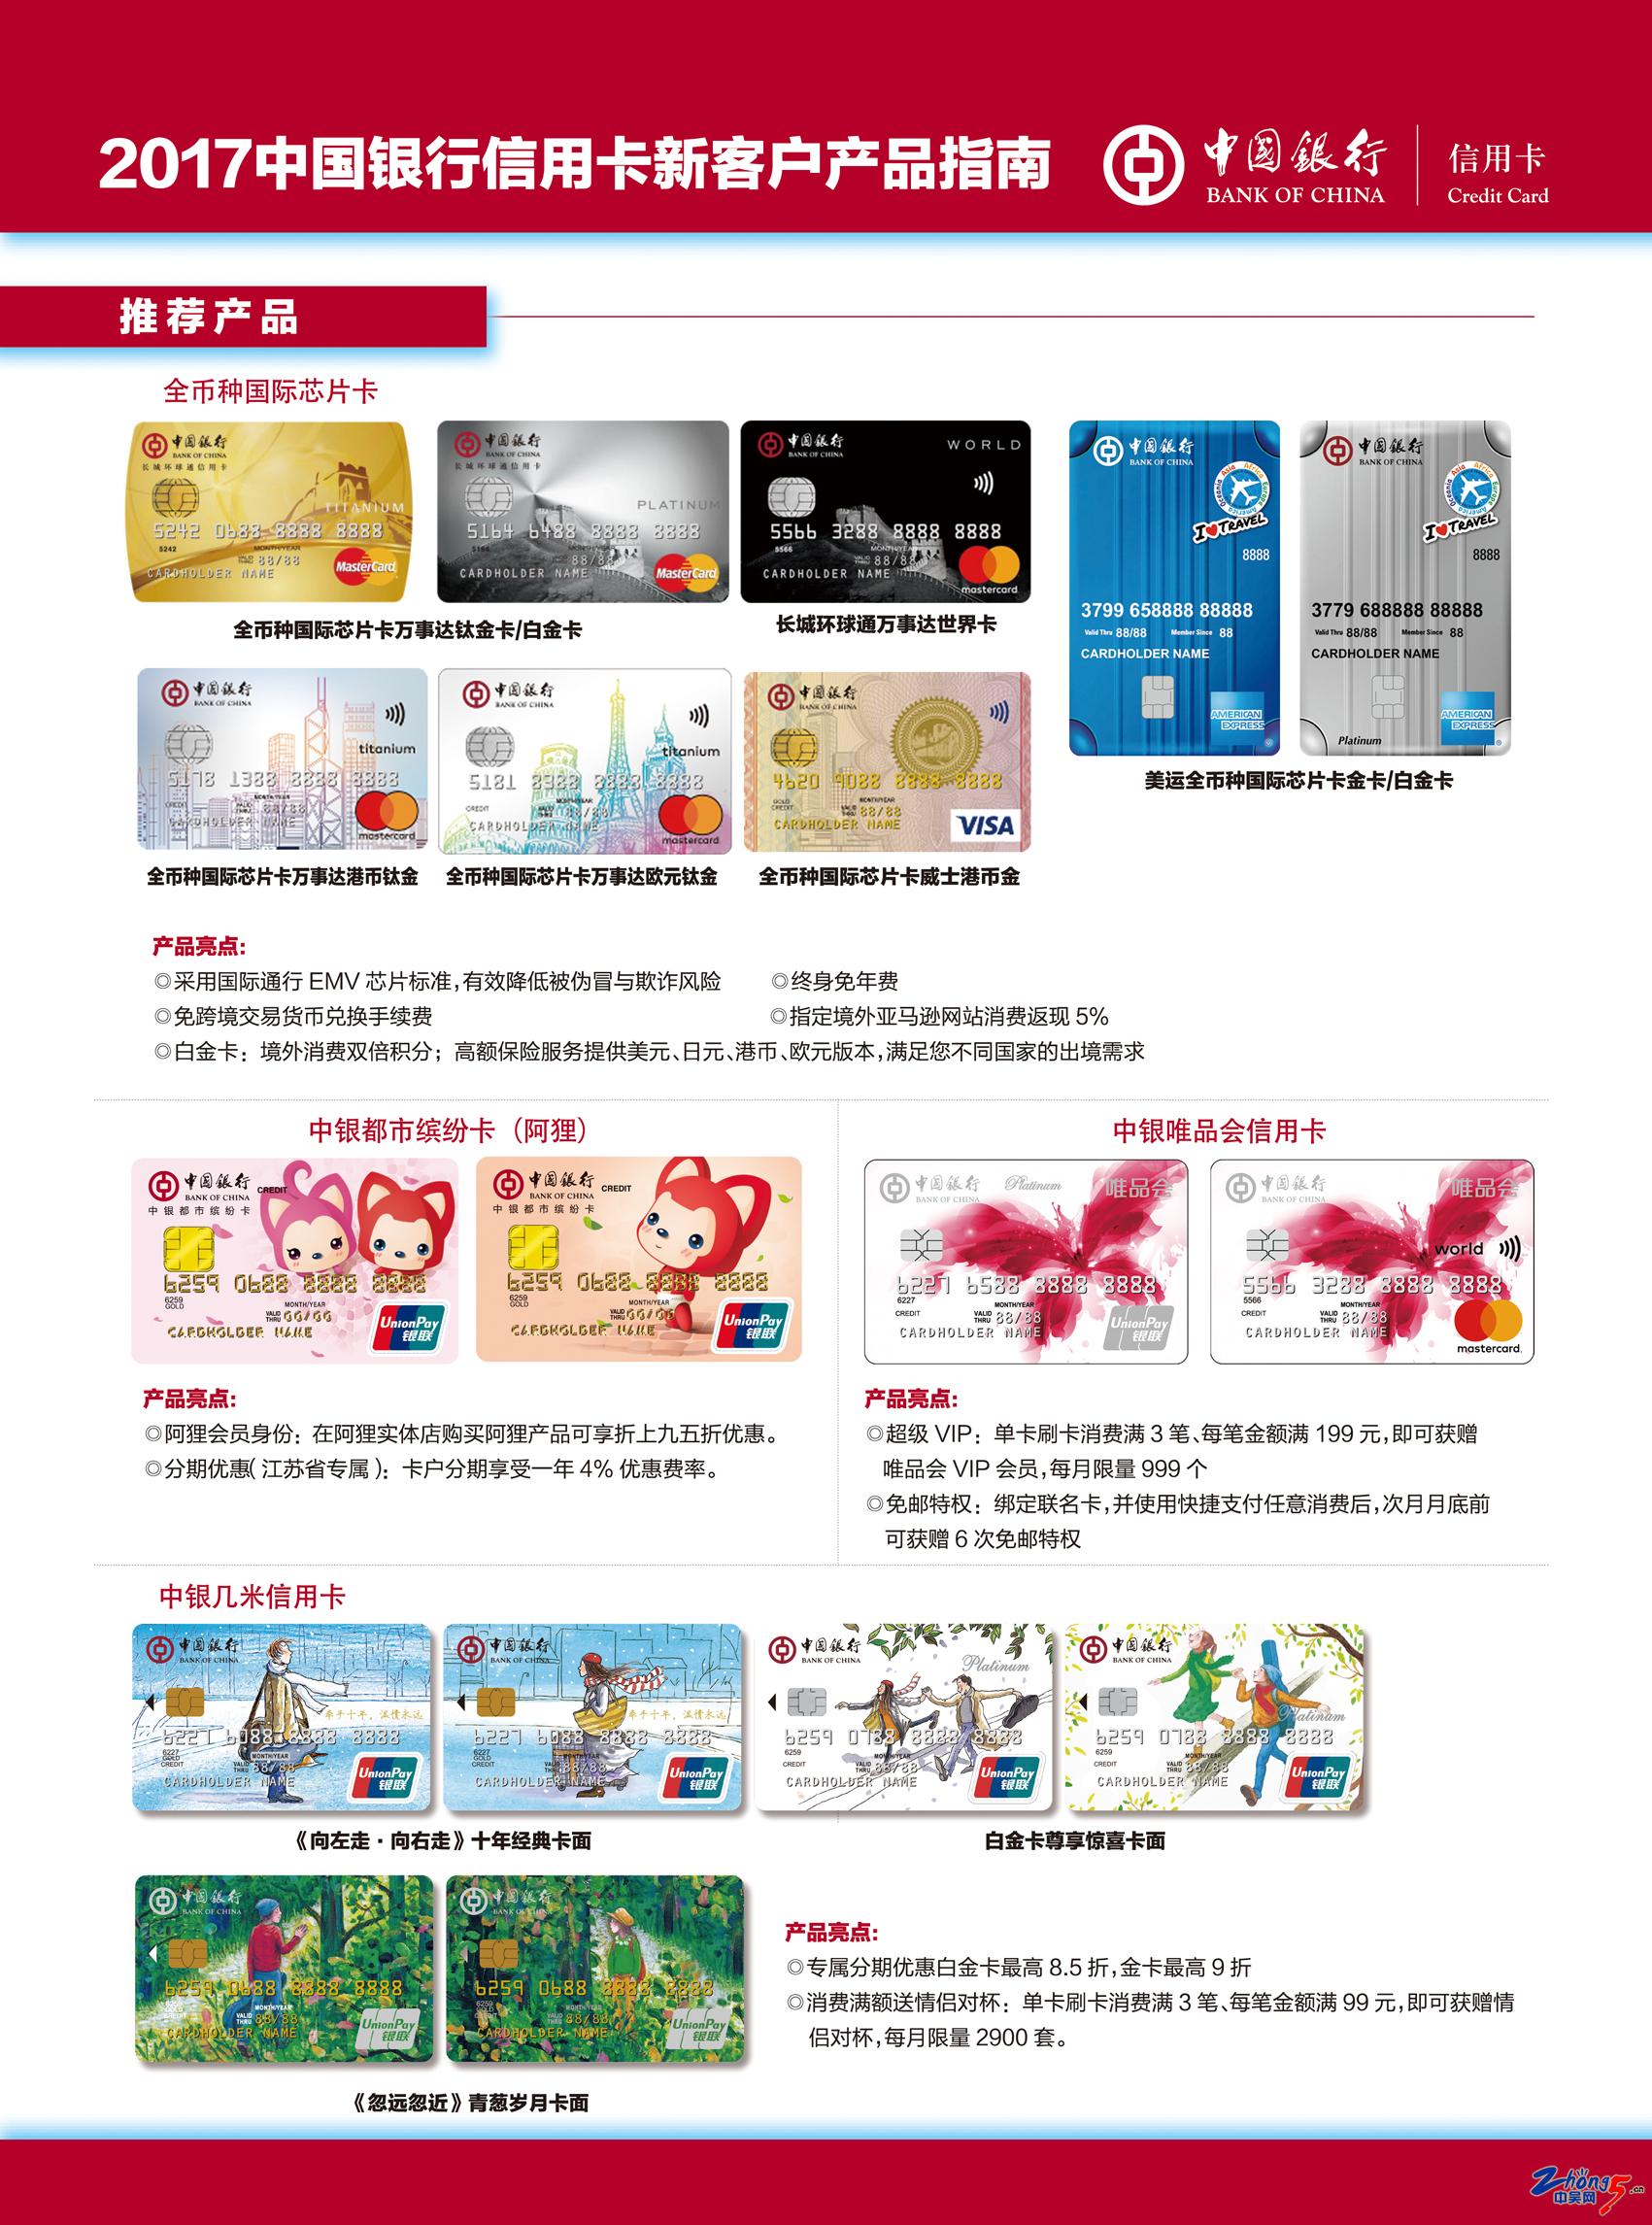 2018中国银行信用卡新客户产品指南